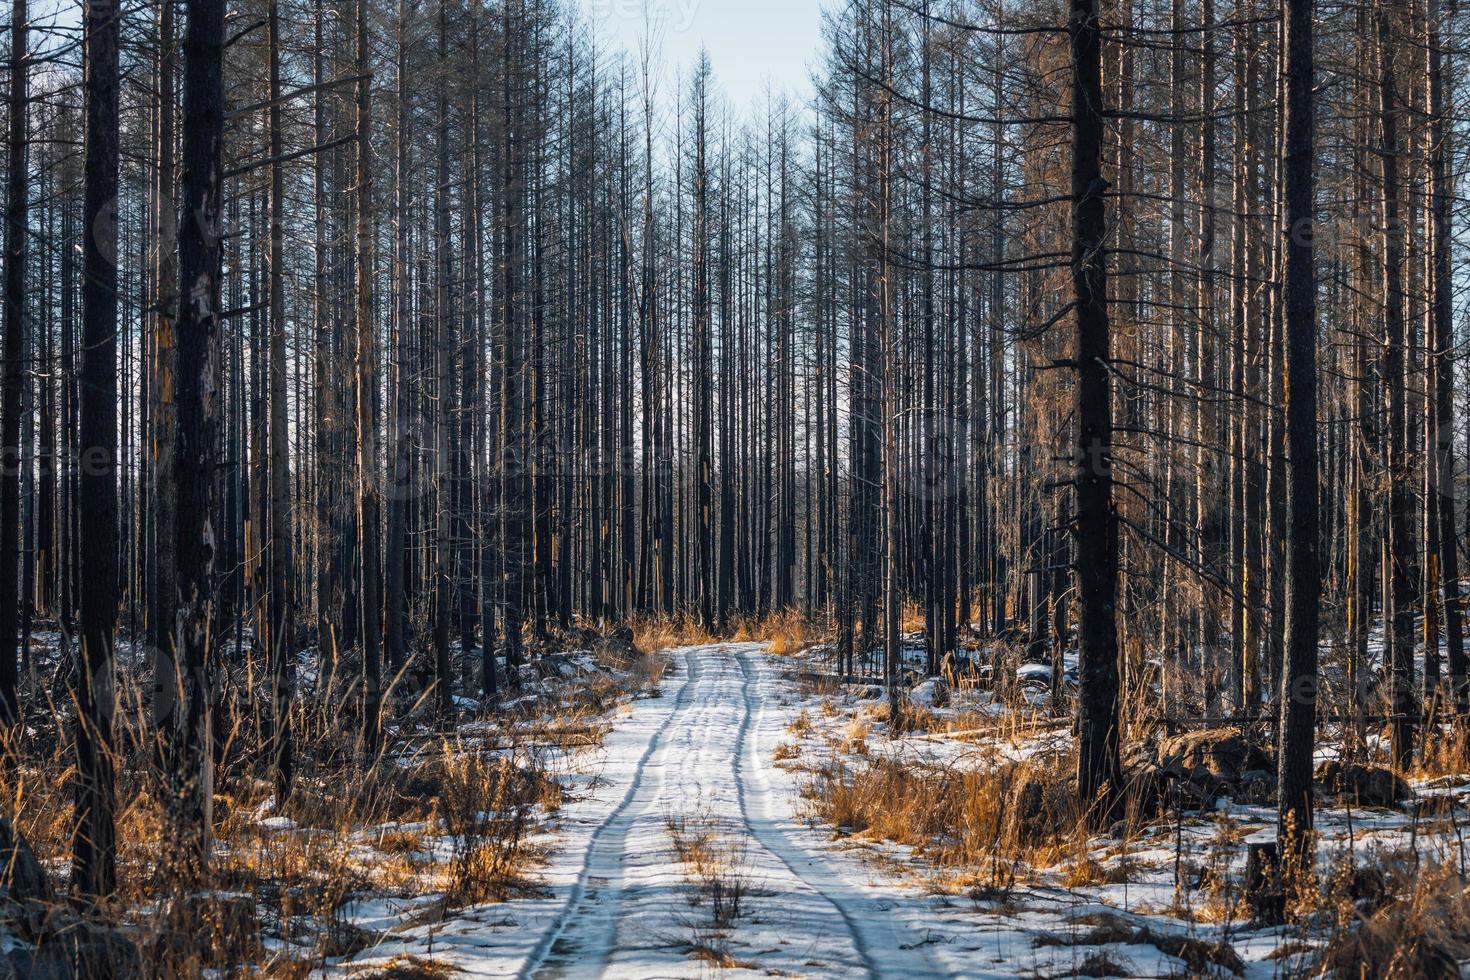 resterende dode bomen in een bos geteisterd door brand foto